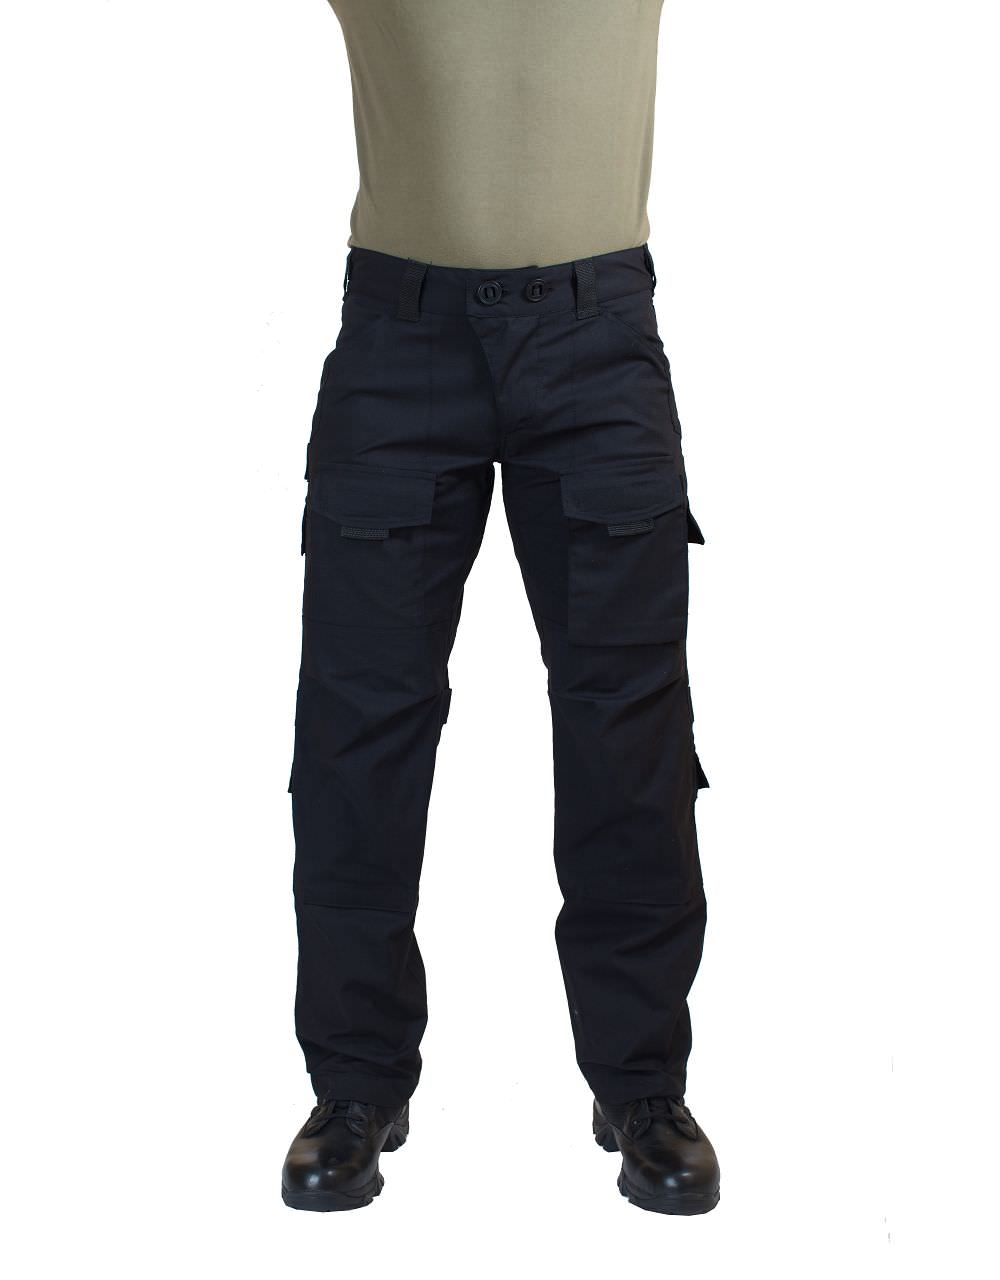 Брюки МПА-56 тактические (рип-стоп, черный), Брюки неутепленные<br>Достоинством брюк МПА-56 является их впечатляющая <br>многофункциональность. Имеется большое <br>количество карманов, система Molle и усилительные <br>накладки в зоне шва сидения. Благодаря анатомическому <br>крою вам беспечена максимальная свобоа <br>движений.. ХАРАКТЕРИСТИКИ ДЛЯ ЖАРКОЙ ПОГОДЫ <br>ДЛЯ ИНТЕНСИВНЫХ НАГРУЗОК ДЛЯ АКТИВНОГО <br>ОТДЫХА ДЛЯ ВОЕННЫХ ОПЕРАЦИЙ МАТЕРИАЛЫ РИП-СТОП<br><br>Пол: мужской<br>Размер: 48<br>Рост: 170<br>Сезон: все сезоны<br>Цвет: черный